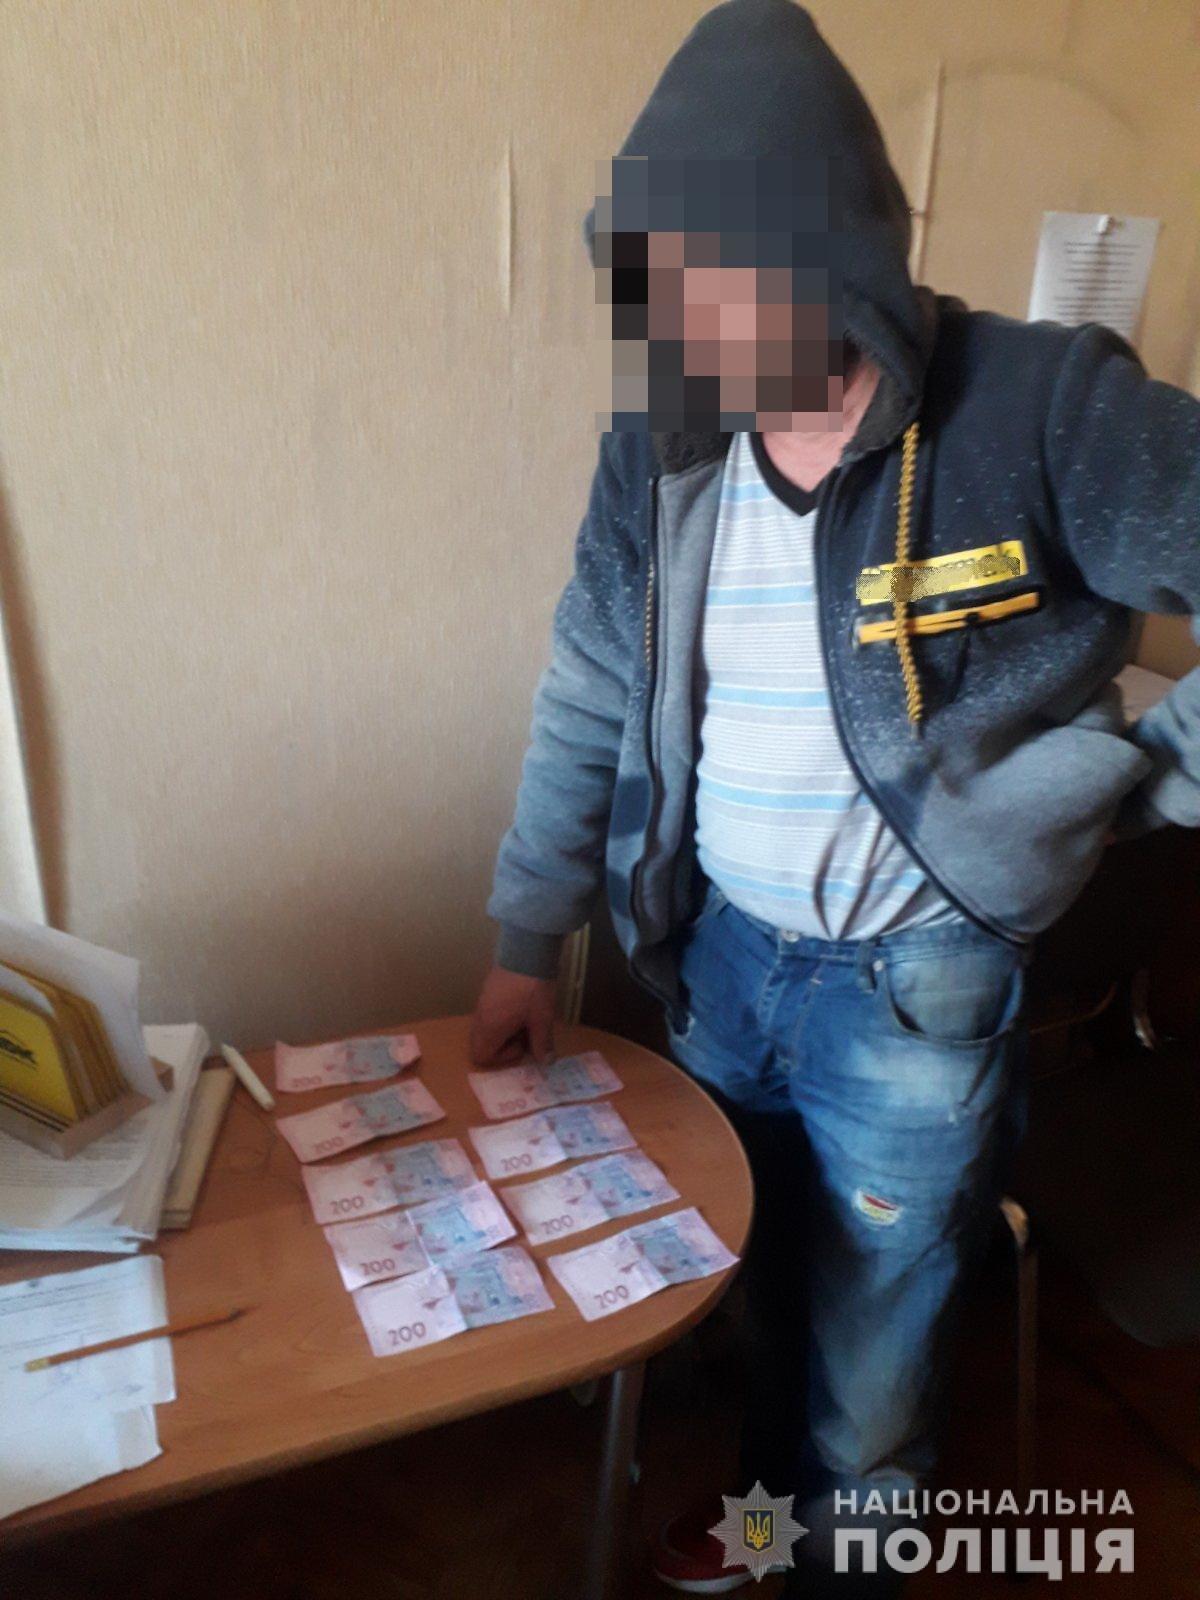 Крадіжка на понад 50 тисяч гривень: на Закарпатті чоловік вкрав гаманець у свого приятеля, фото-1